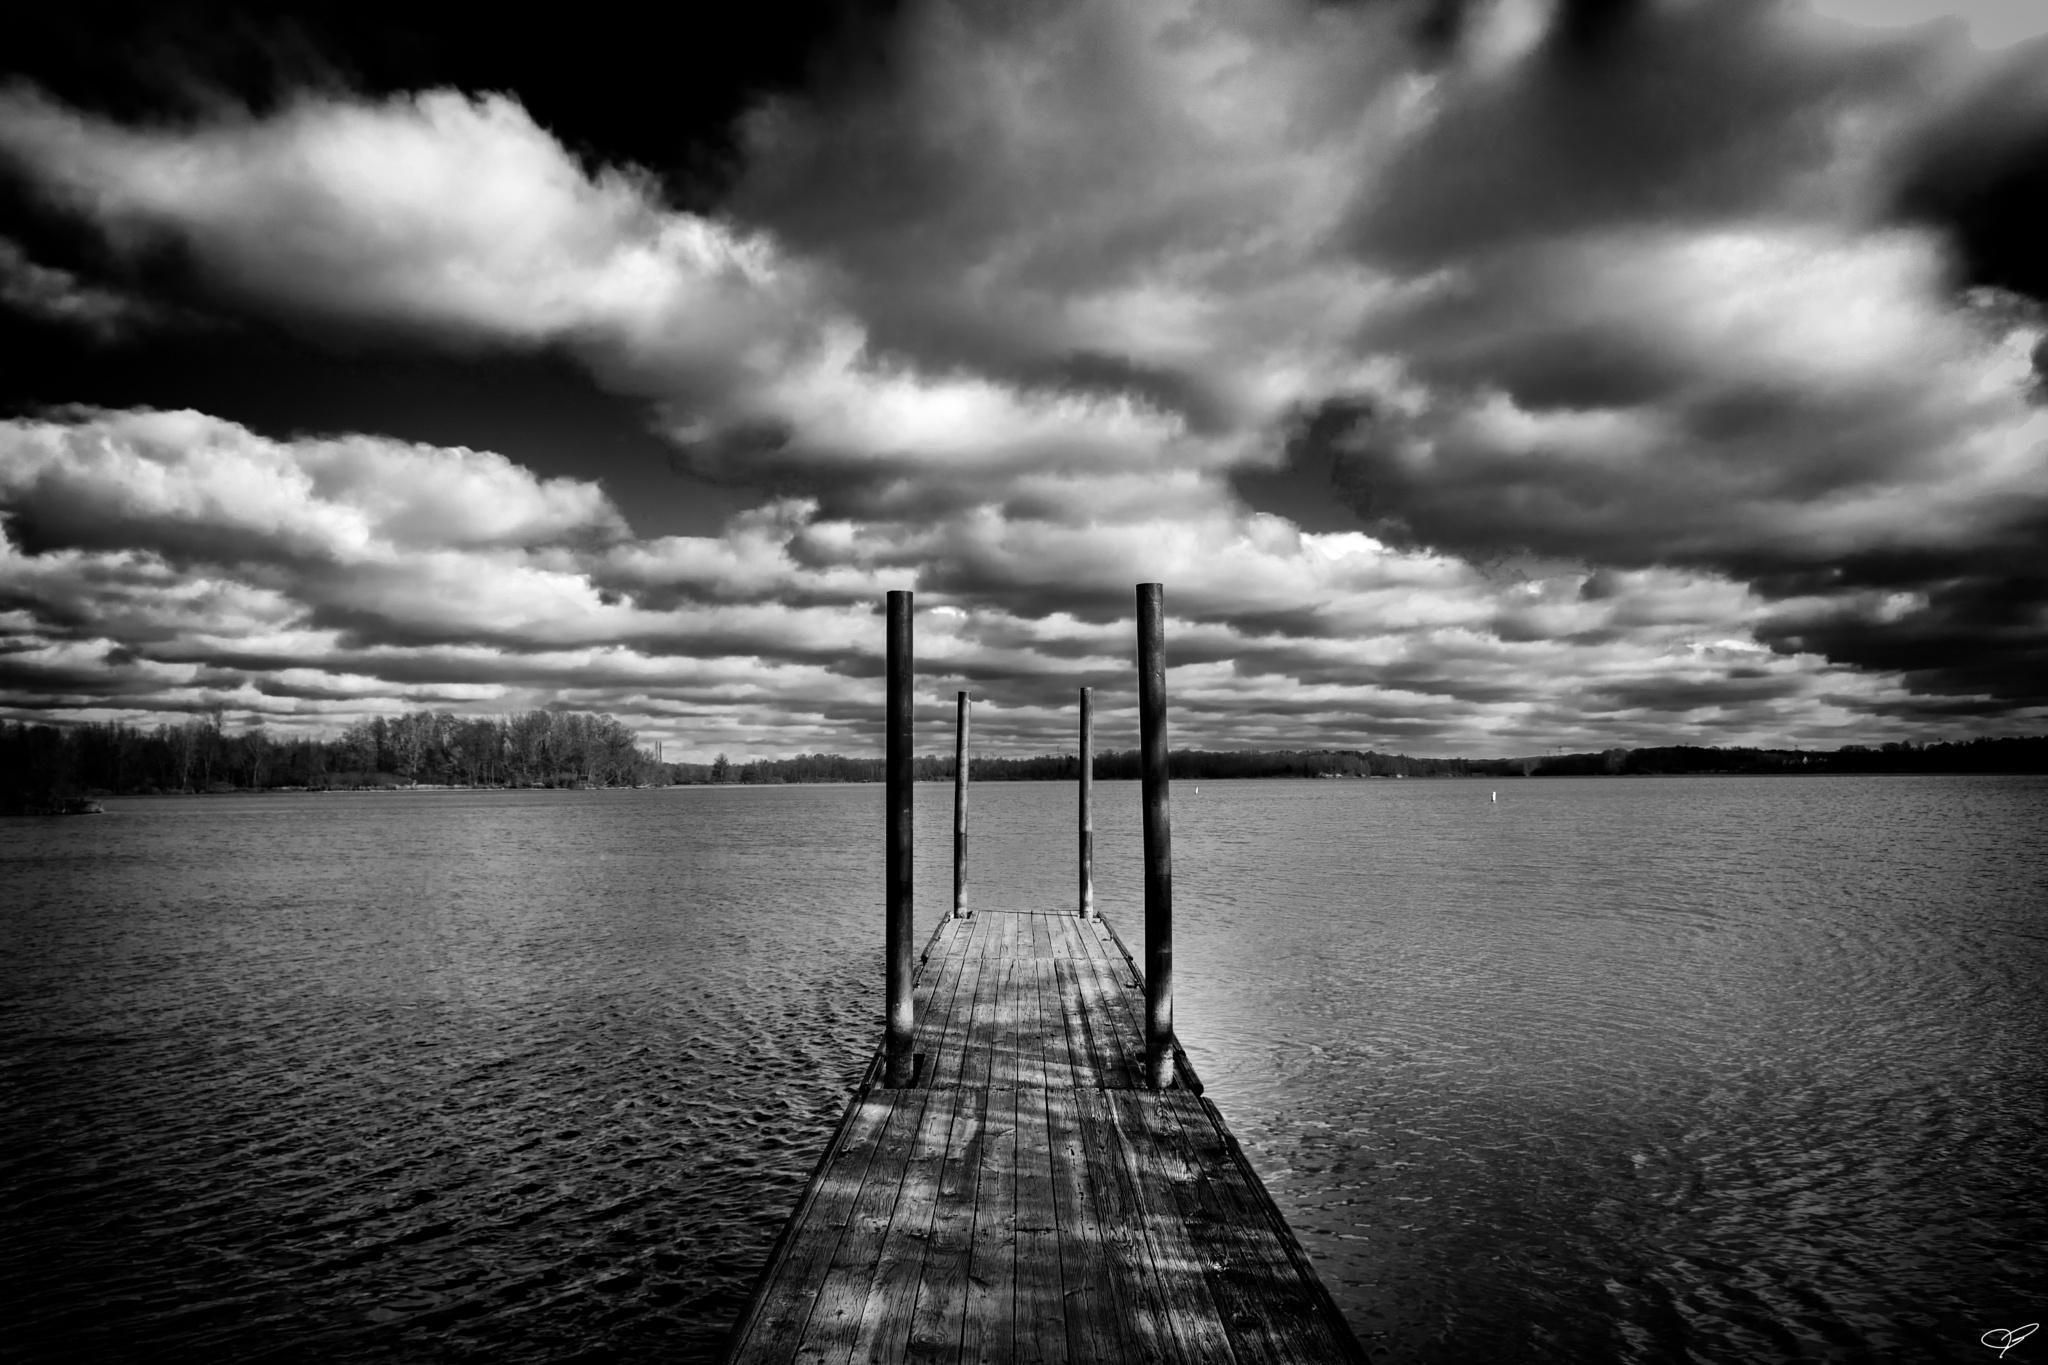 Dock at Alum Creek by JohnBrake